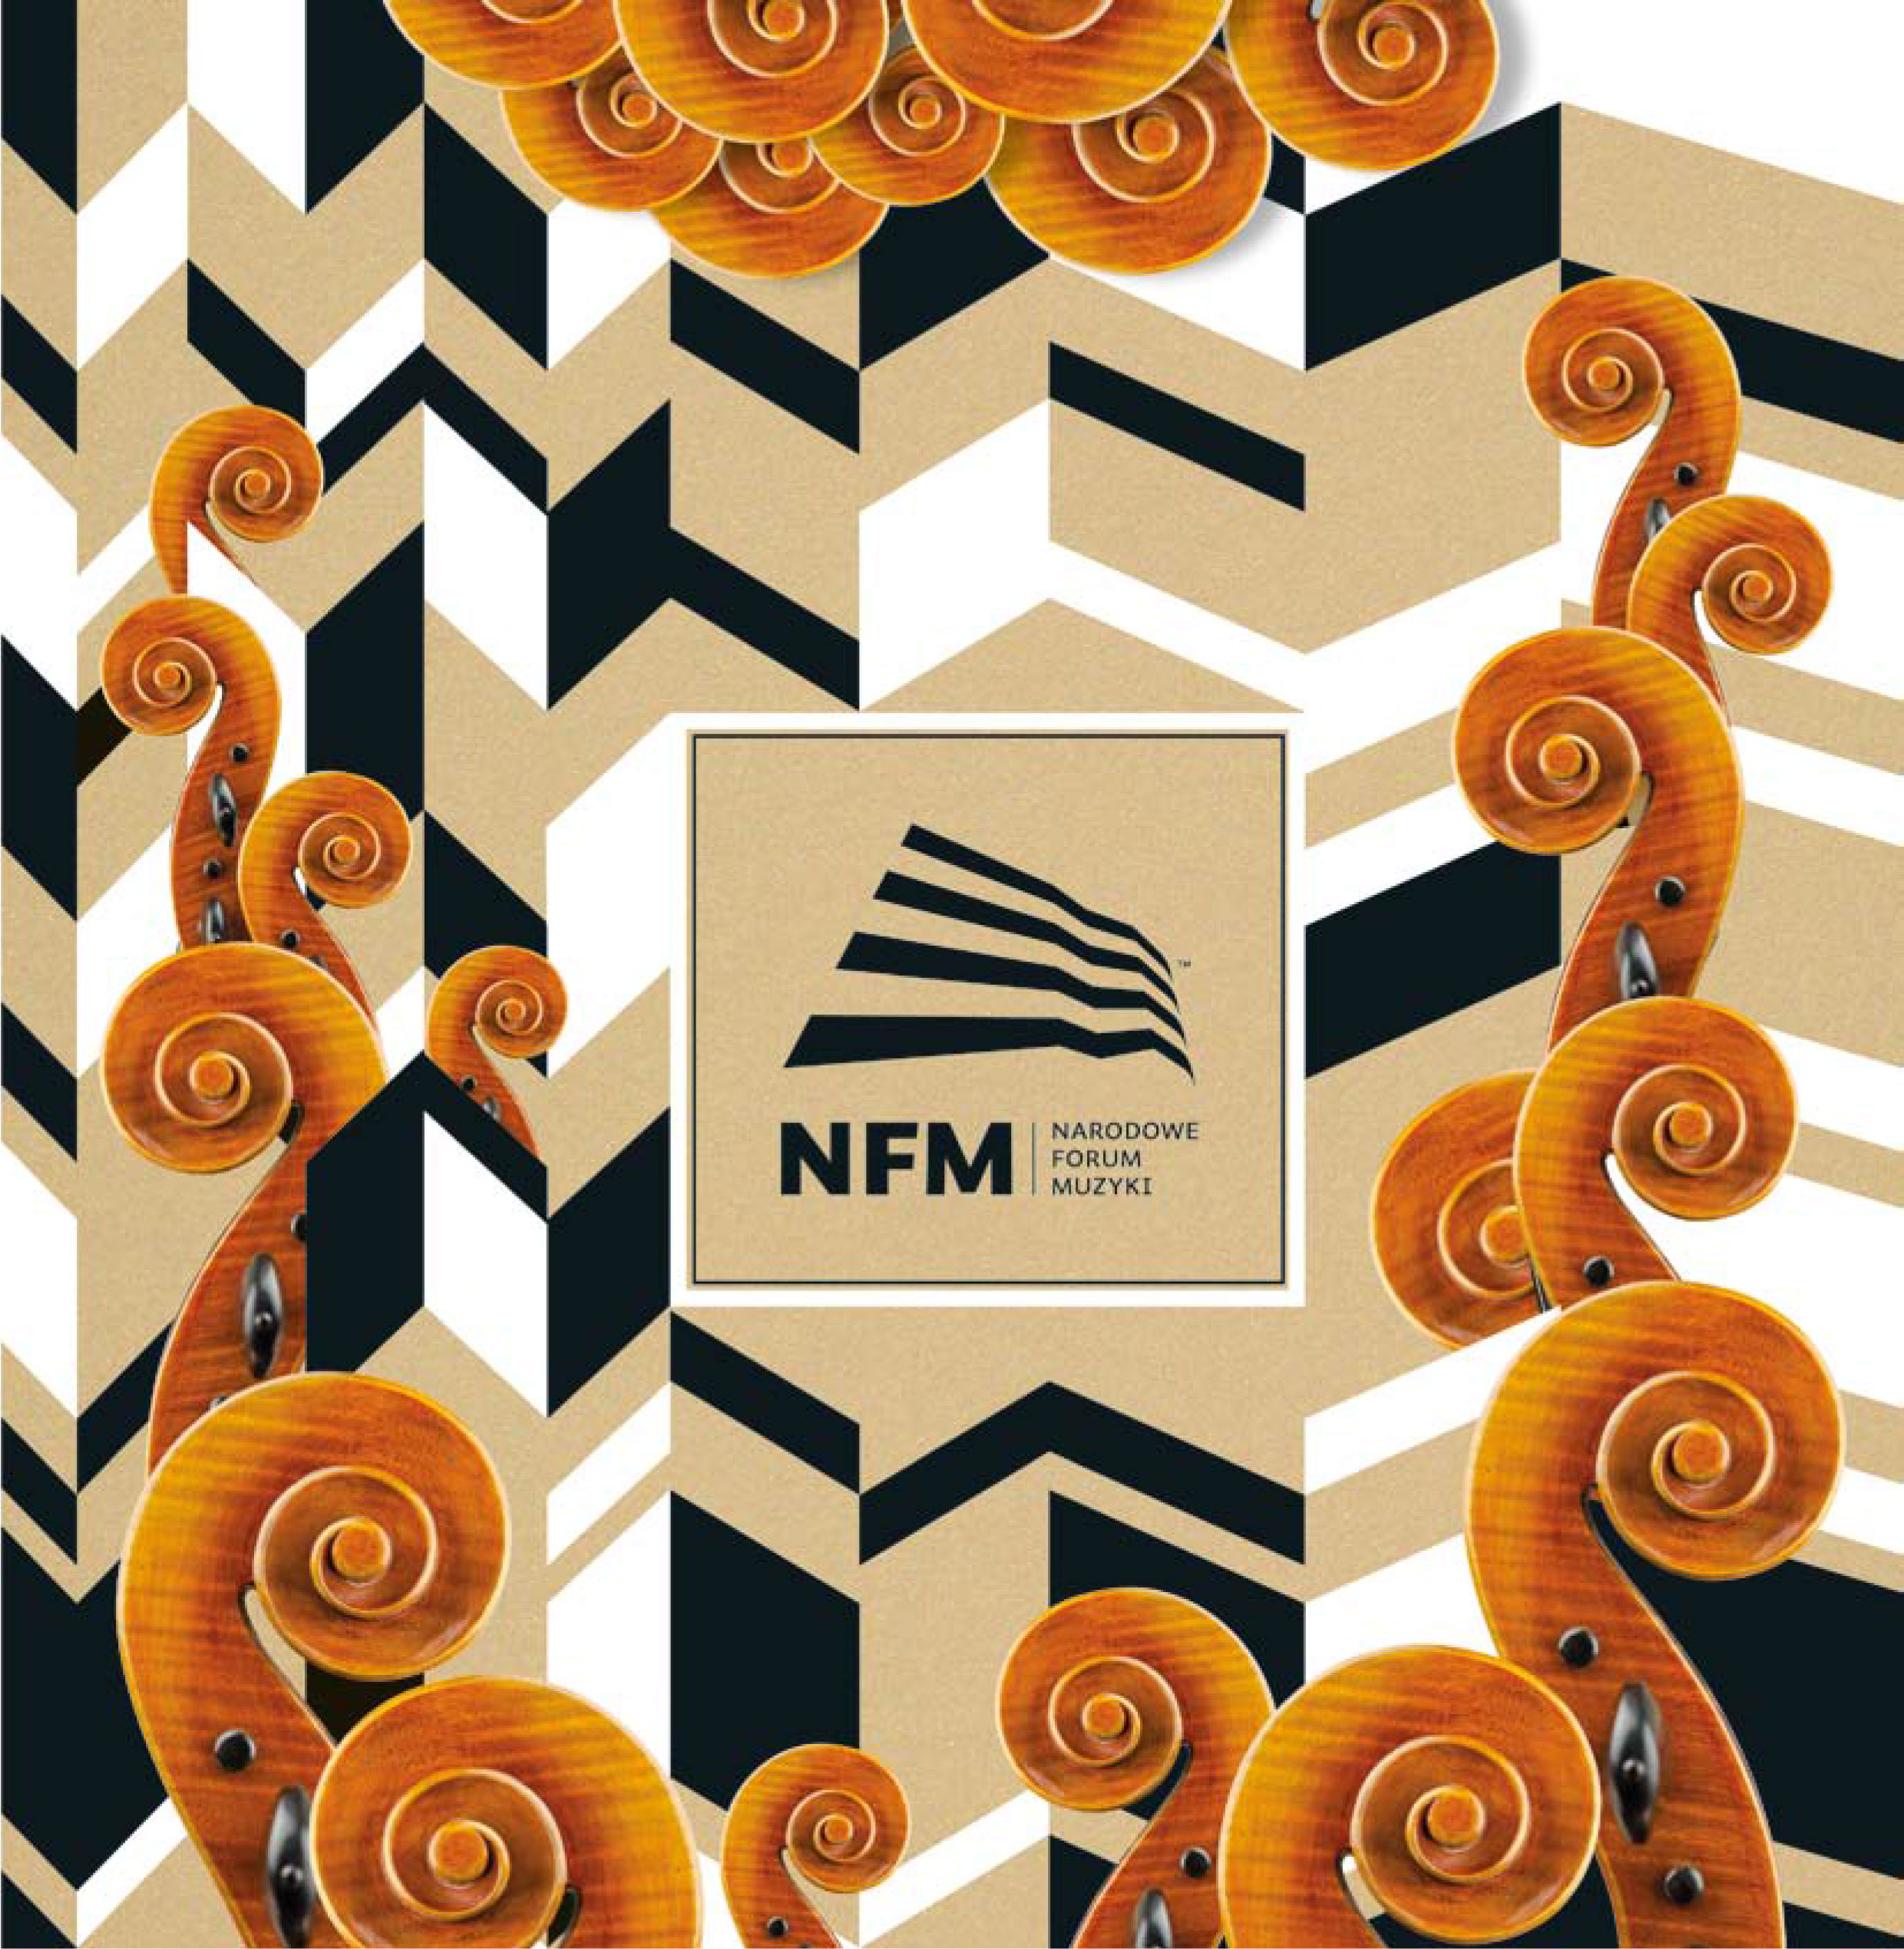 Katalog informacyjny NFM